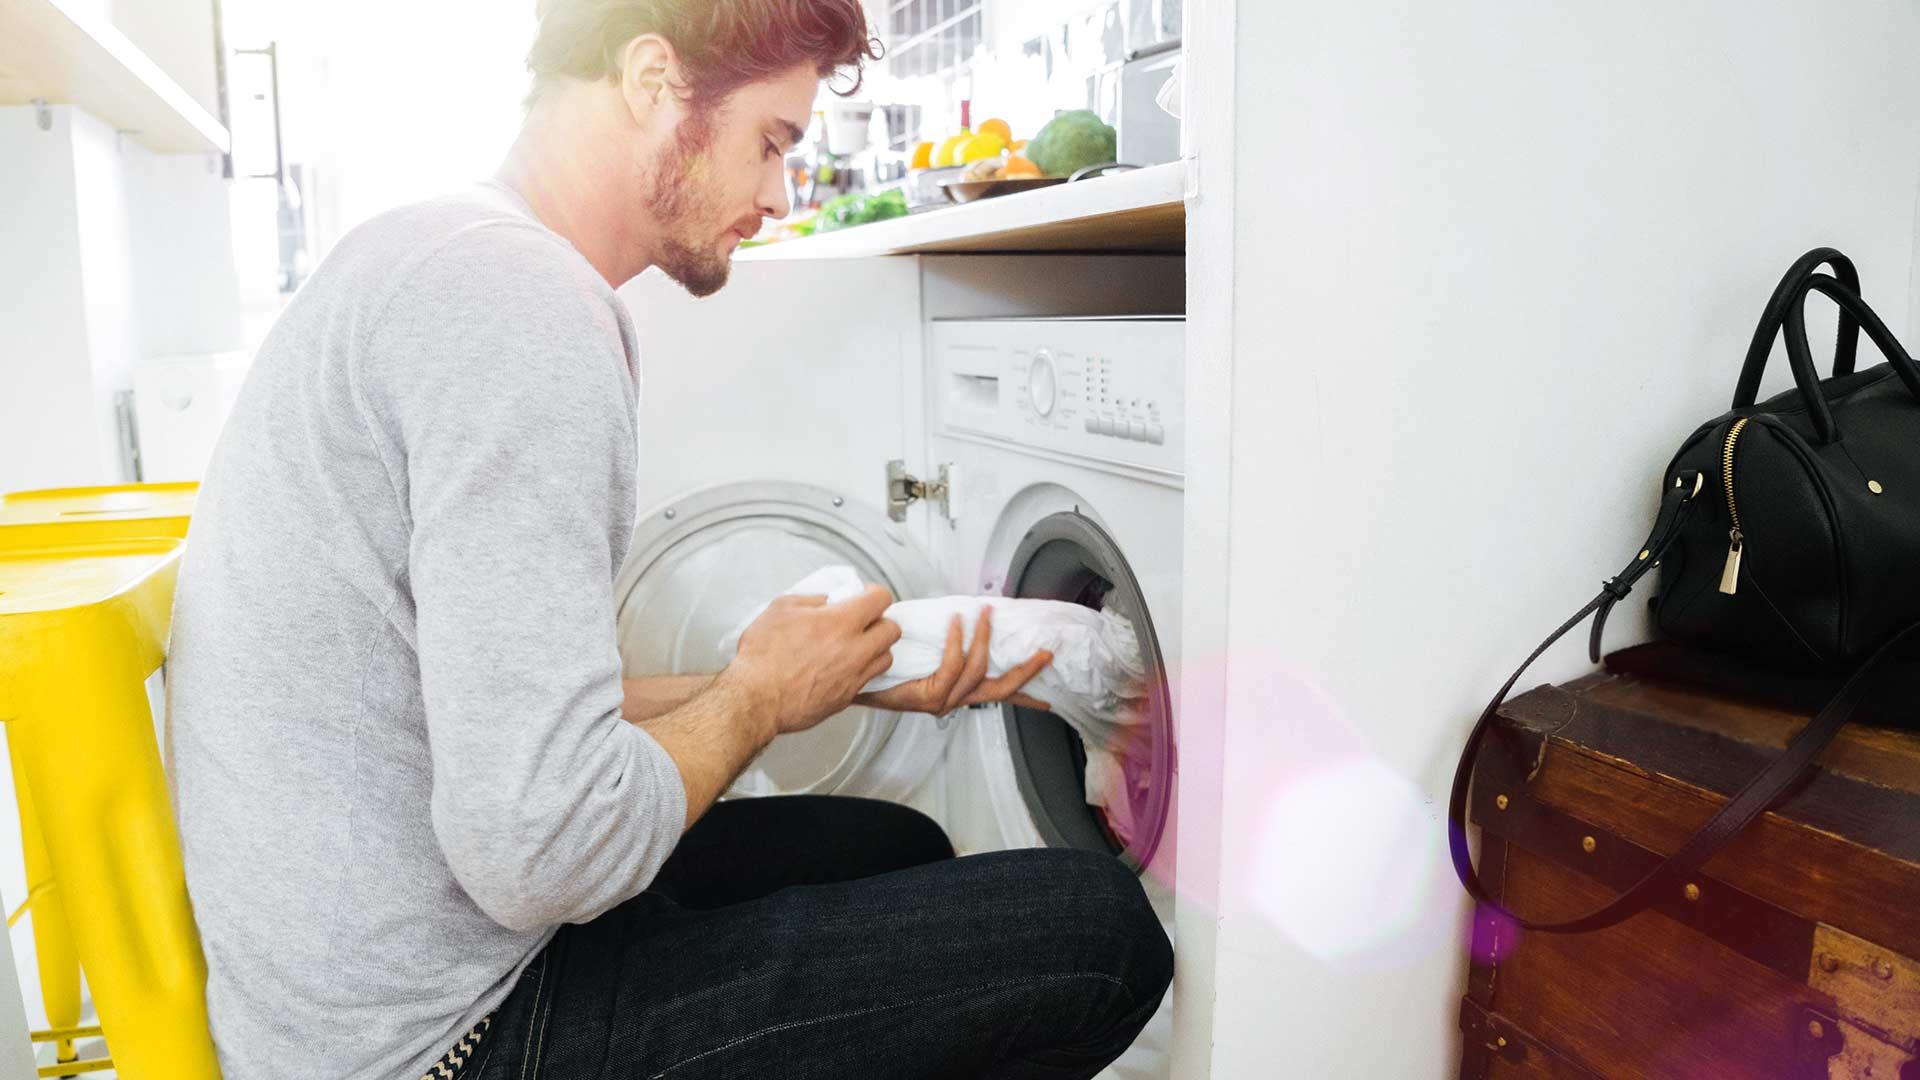 energiespartipps warum energiesparen gar nicht mal so einfach ist. Black Bedroom Furniture Sets. Home Design Ideas